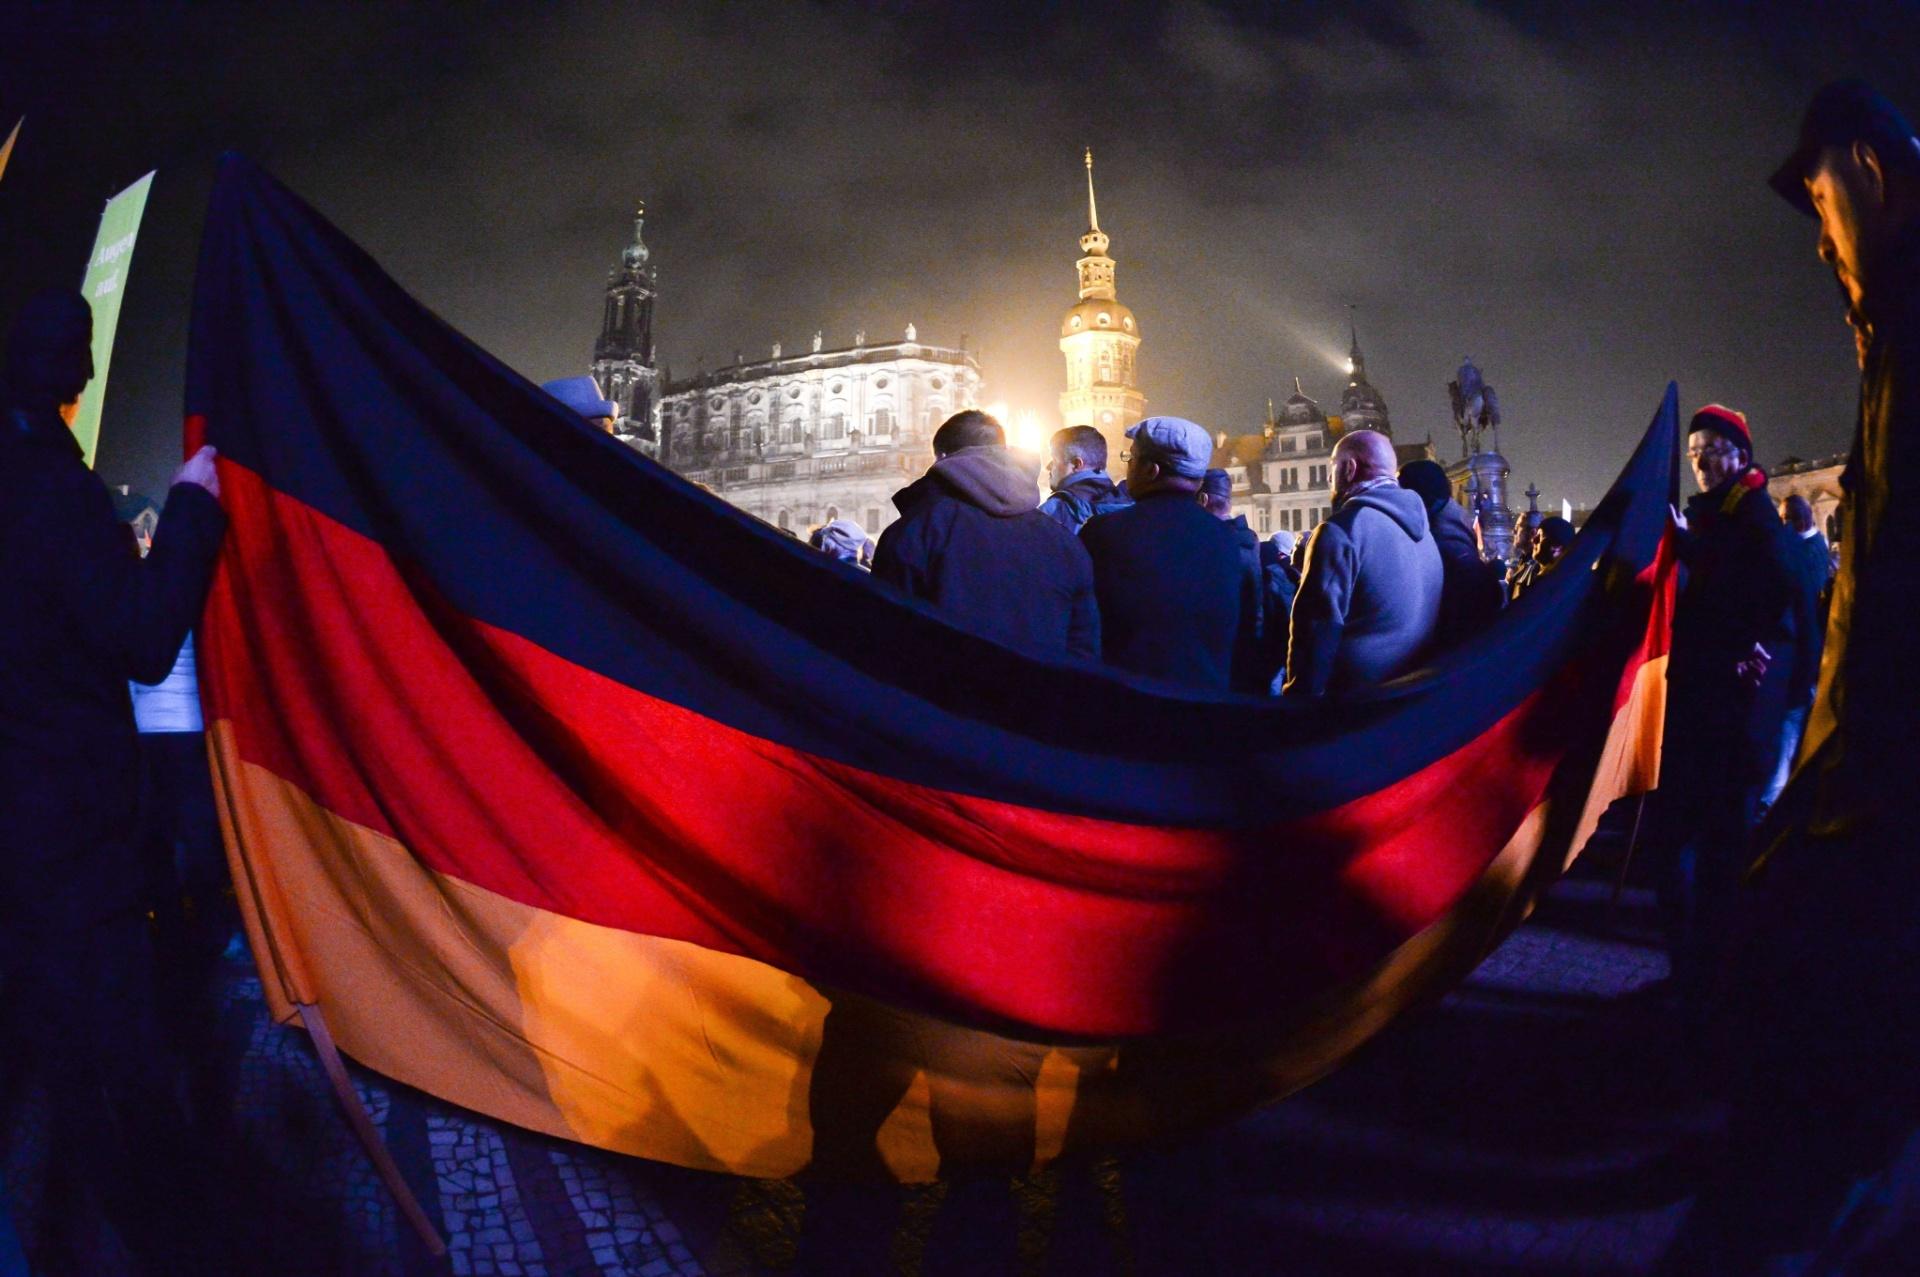 20.out.2015 - Milhares de apoiadores do movimento Pegida (sigla em alemão para